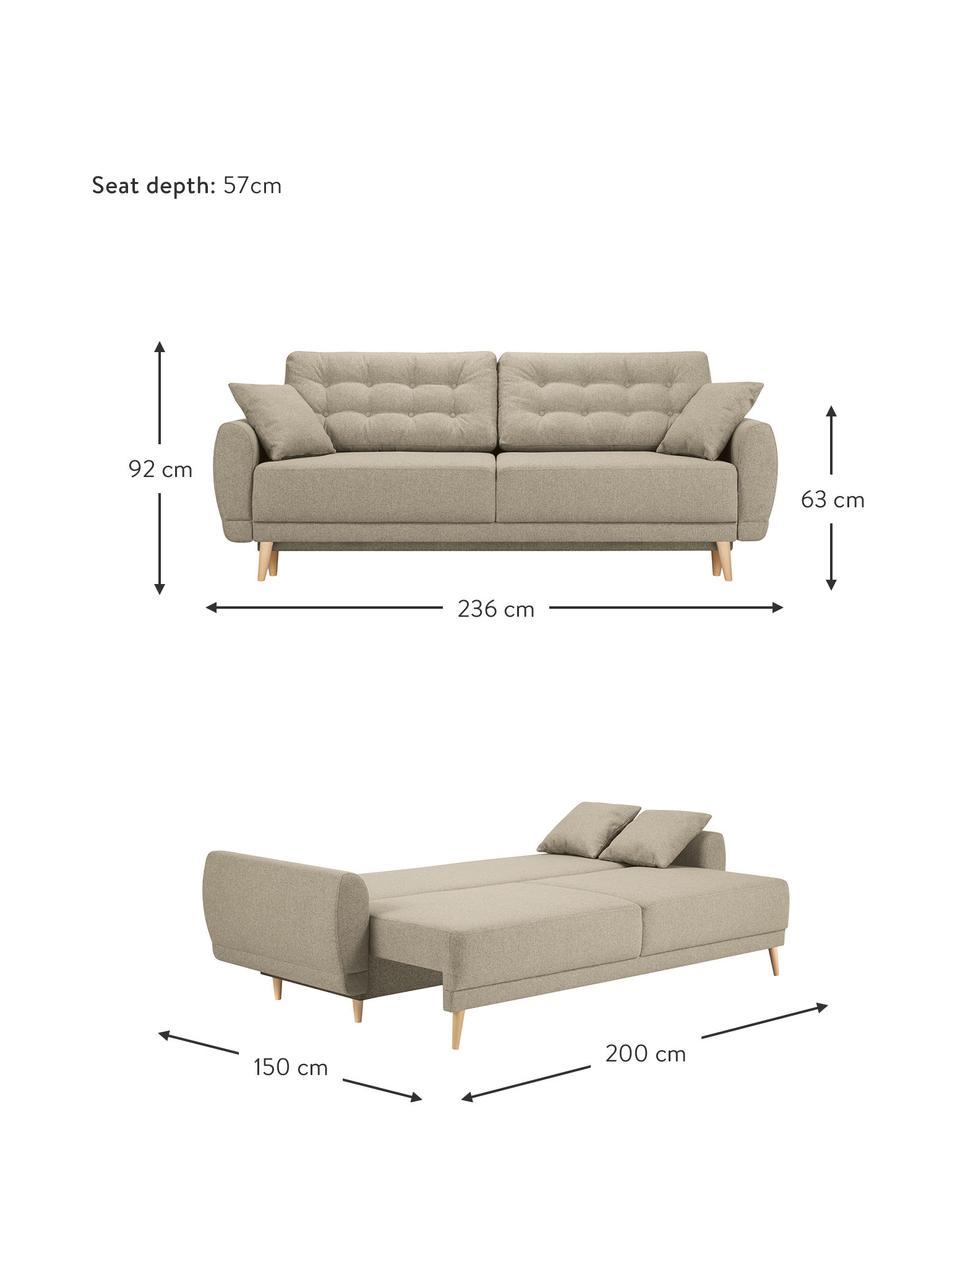 Sofa rozkładana Spinel (3-osobowa), Tapicerka: poliester Dzięki tkaninie, Nogi: drewno brzozowe, Ciemnobeżowy, S 236 x G 93 cm